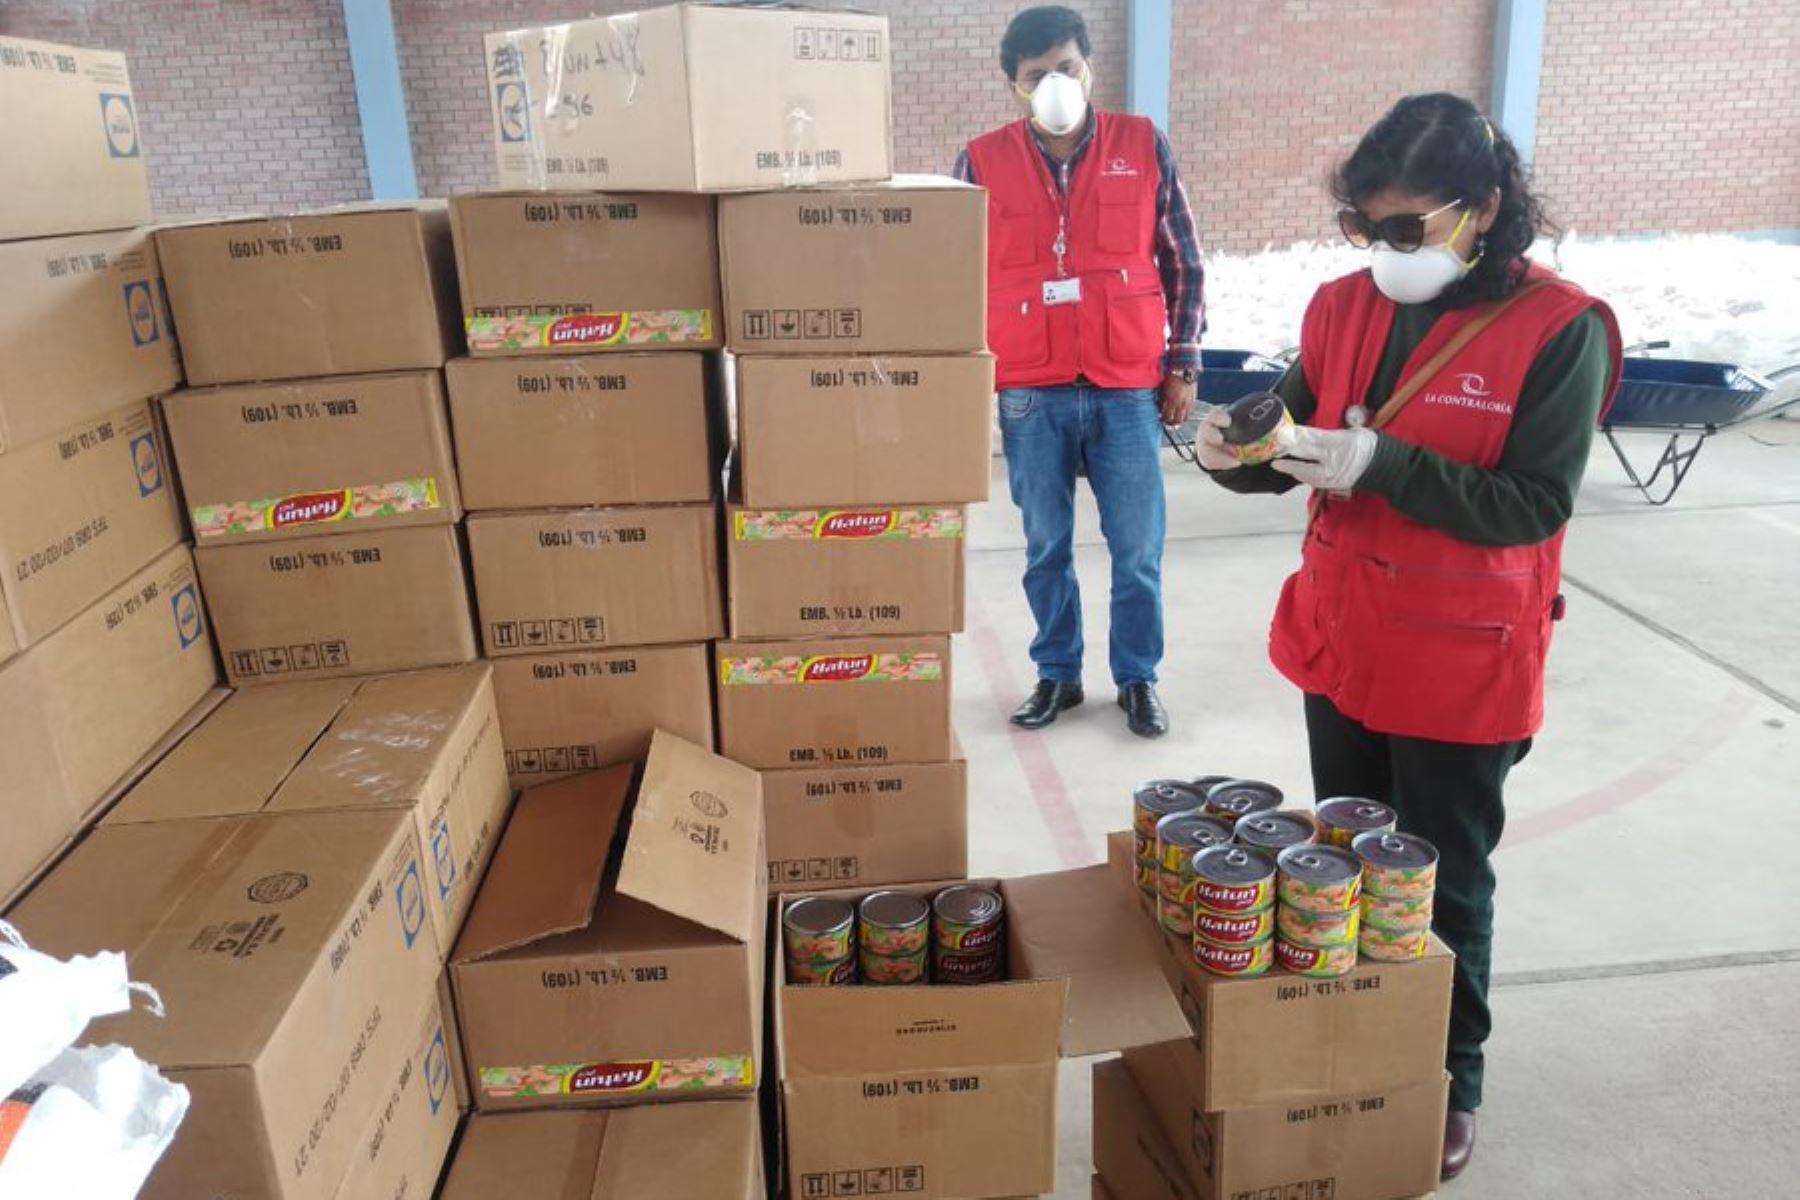 Contraloría realiza visita a Municipalidad Distrital de Baños del Inca en Cajamarca para verificar la calidad de los productos incluidos en las canastas de víveres a familias vulnerables COVID19 durante el  Mega Operativo Emergencia sanitaria.  Foto:ANDINA/Difusión